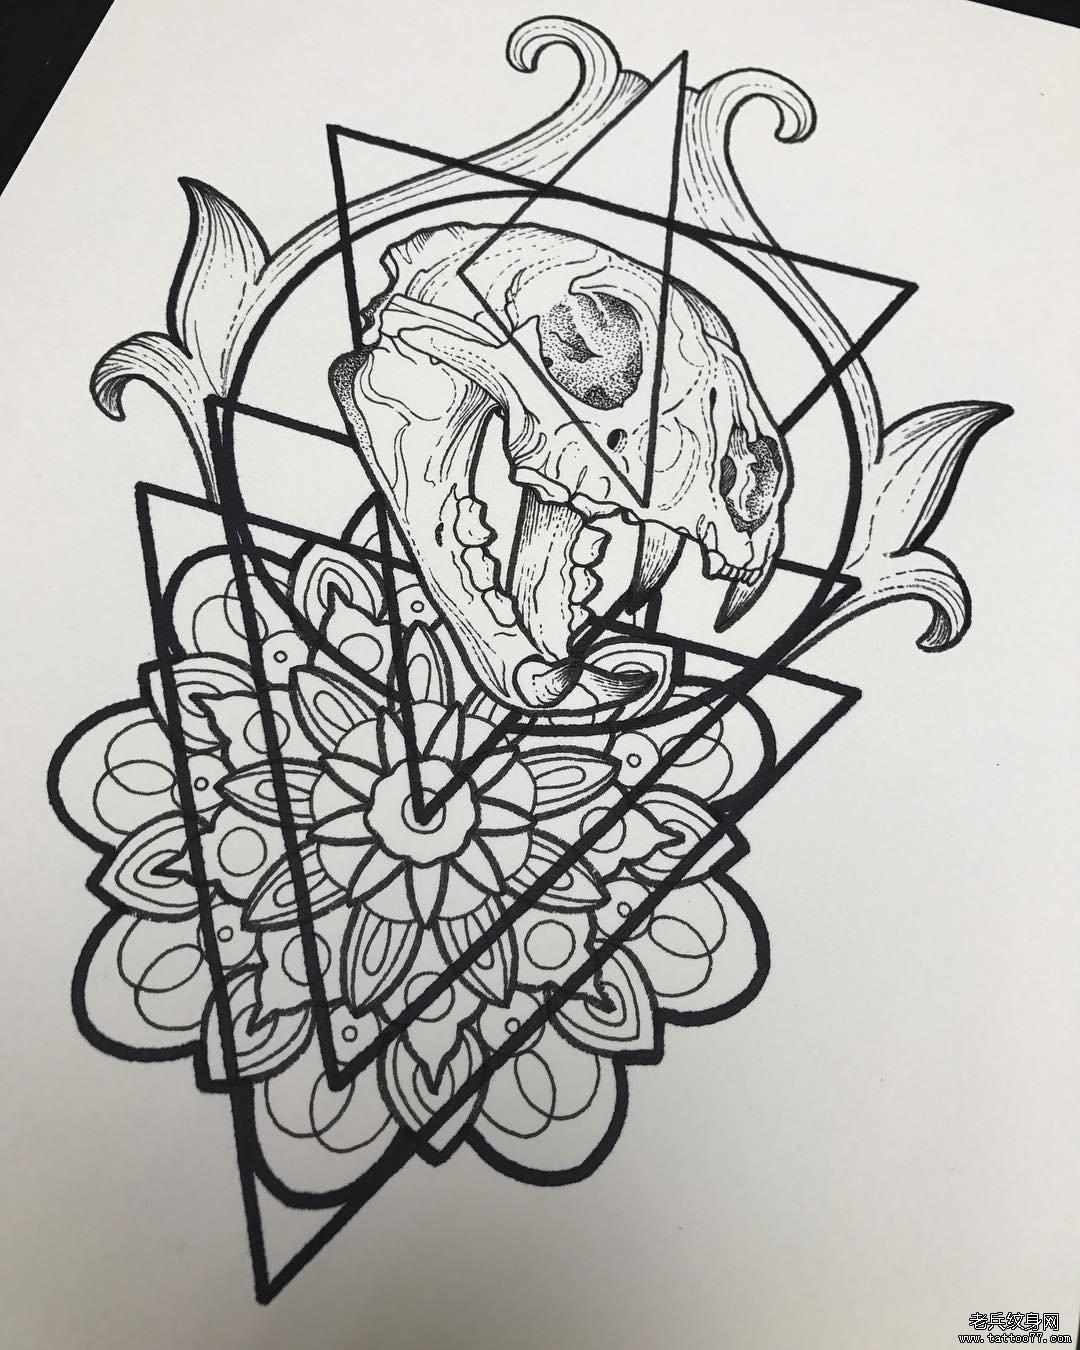 彩色骷髅纹身手稿图案